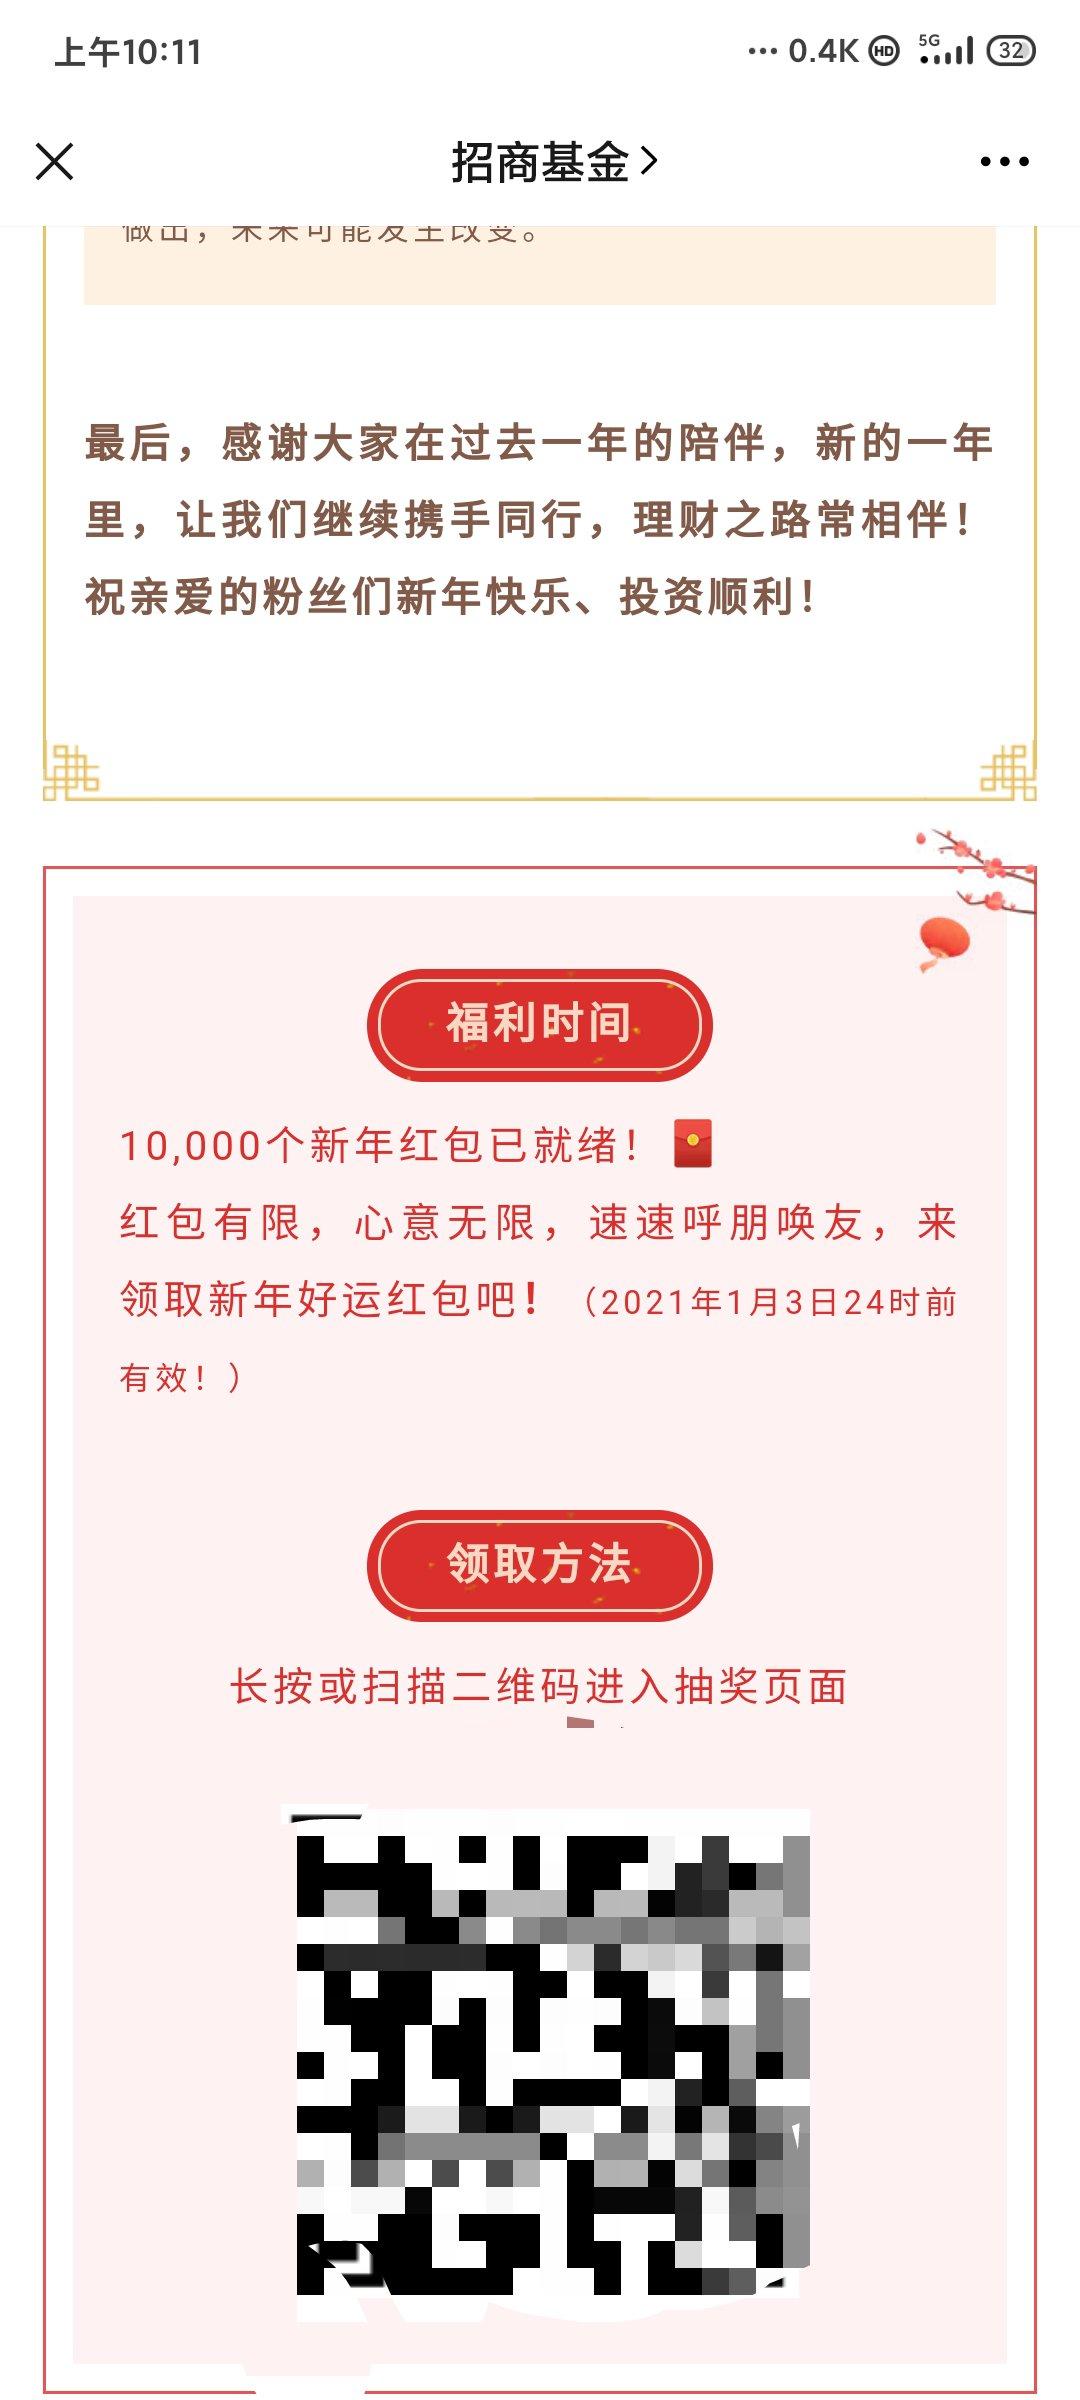 招商基金新年快乐抽红包插图4